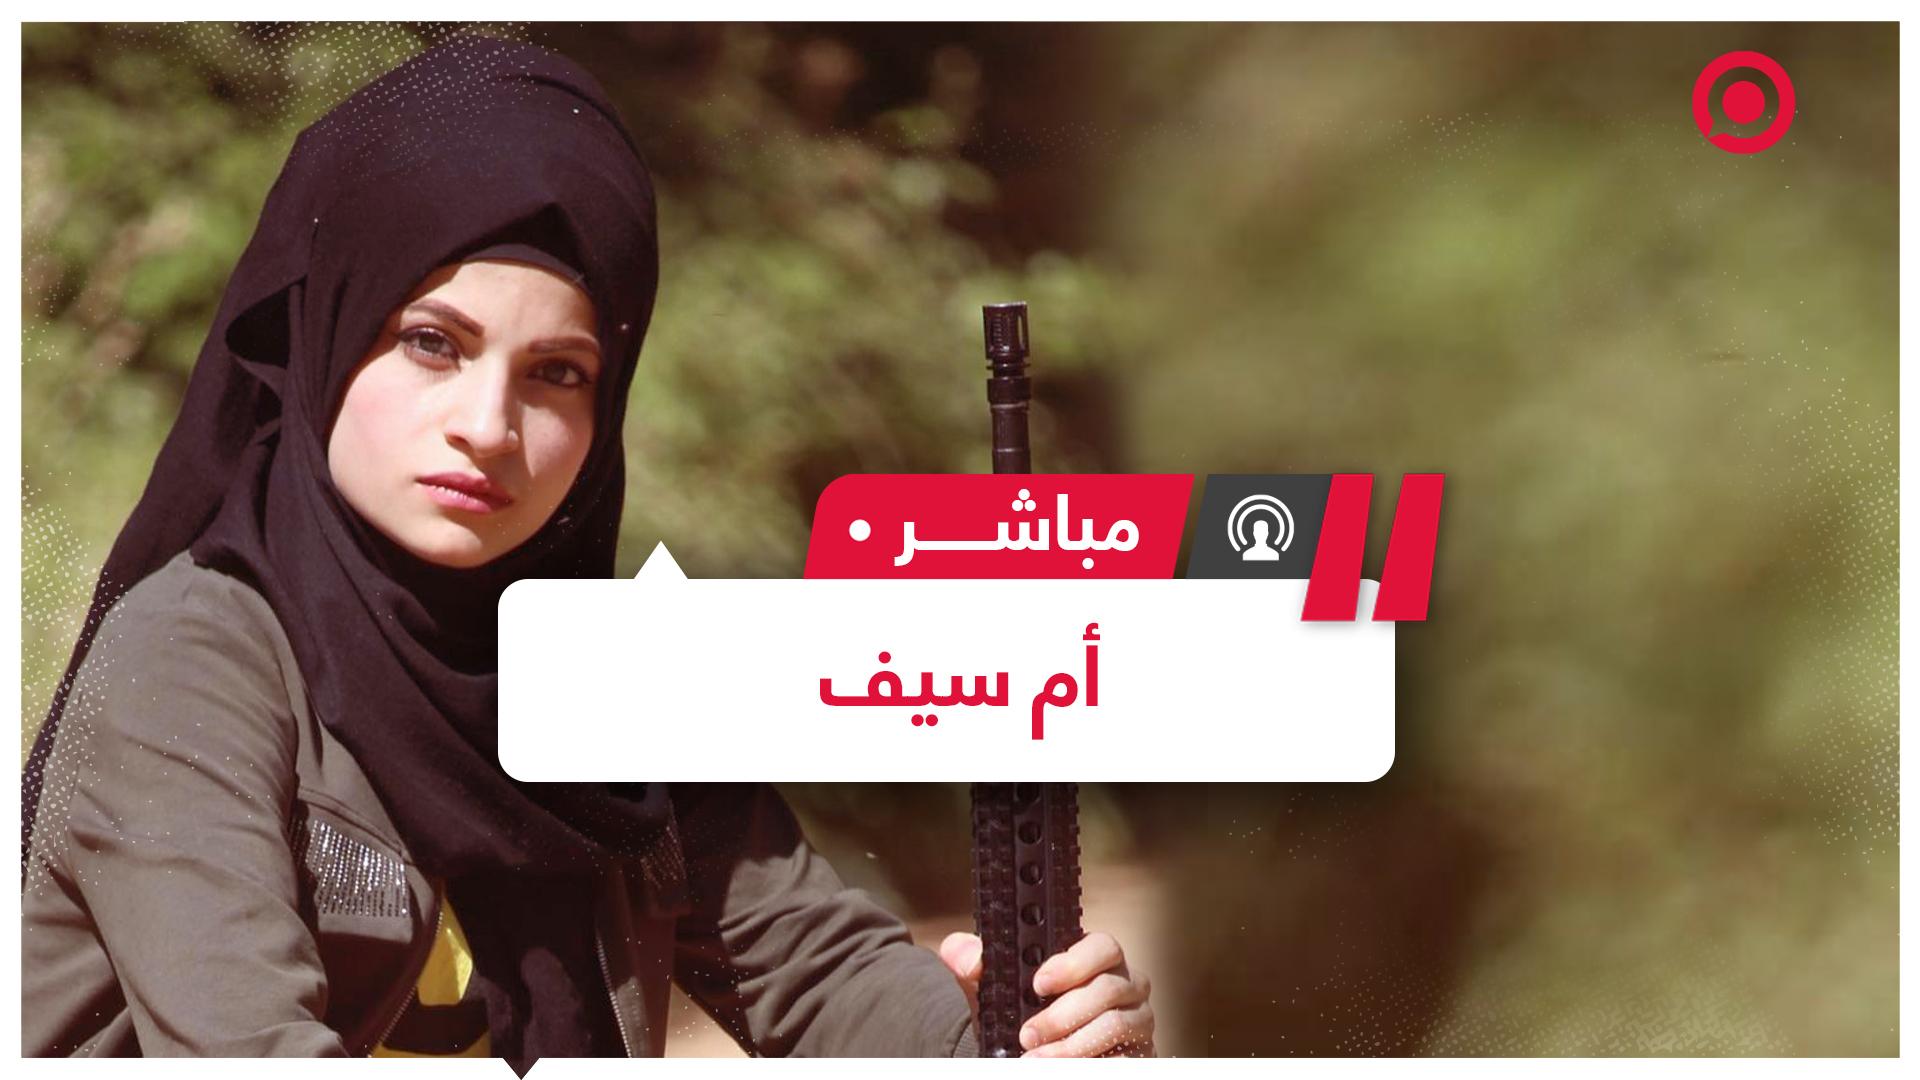 أم سيف يوتيوبر سورية مقيمة بتركيا تثير الجدل بفيديو لاعتزالها المفاجئ